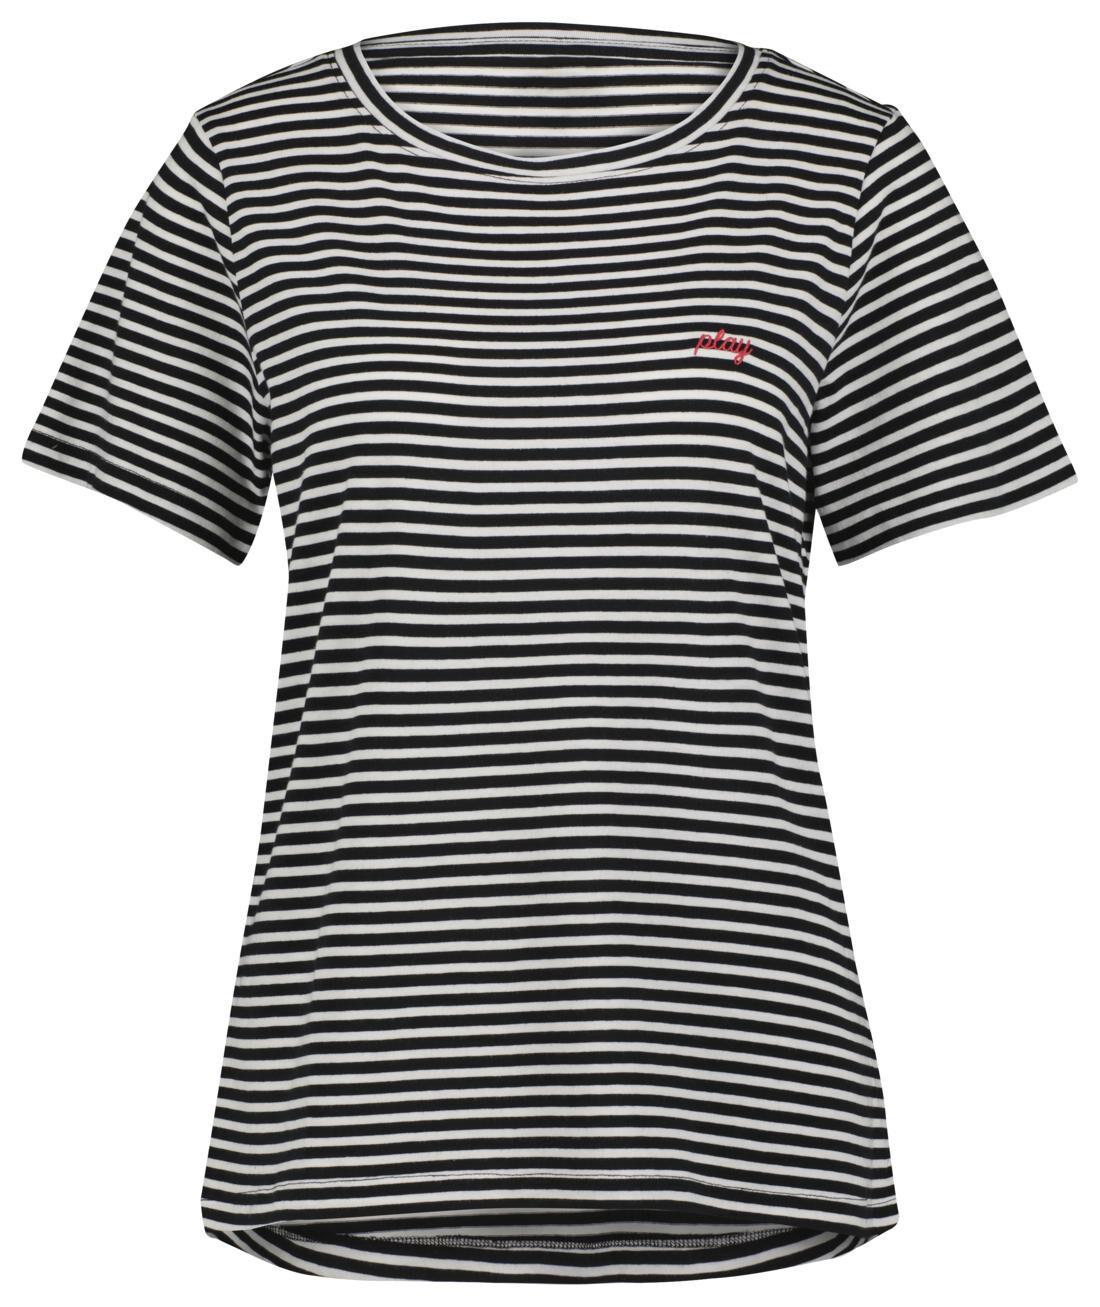 HEMA Dames T-shirt Play Zwart/wit (zwart/wit)